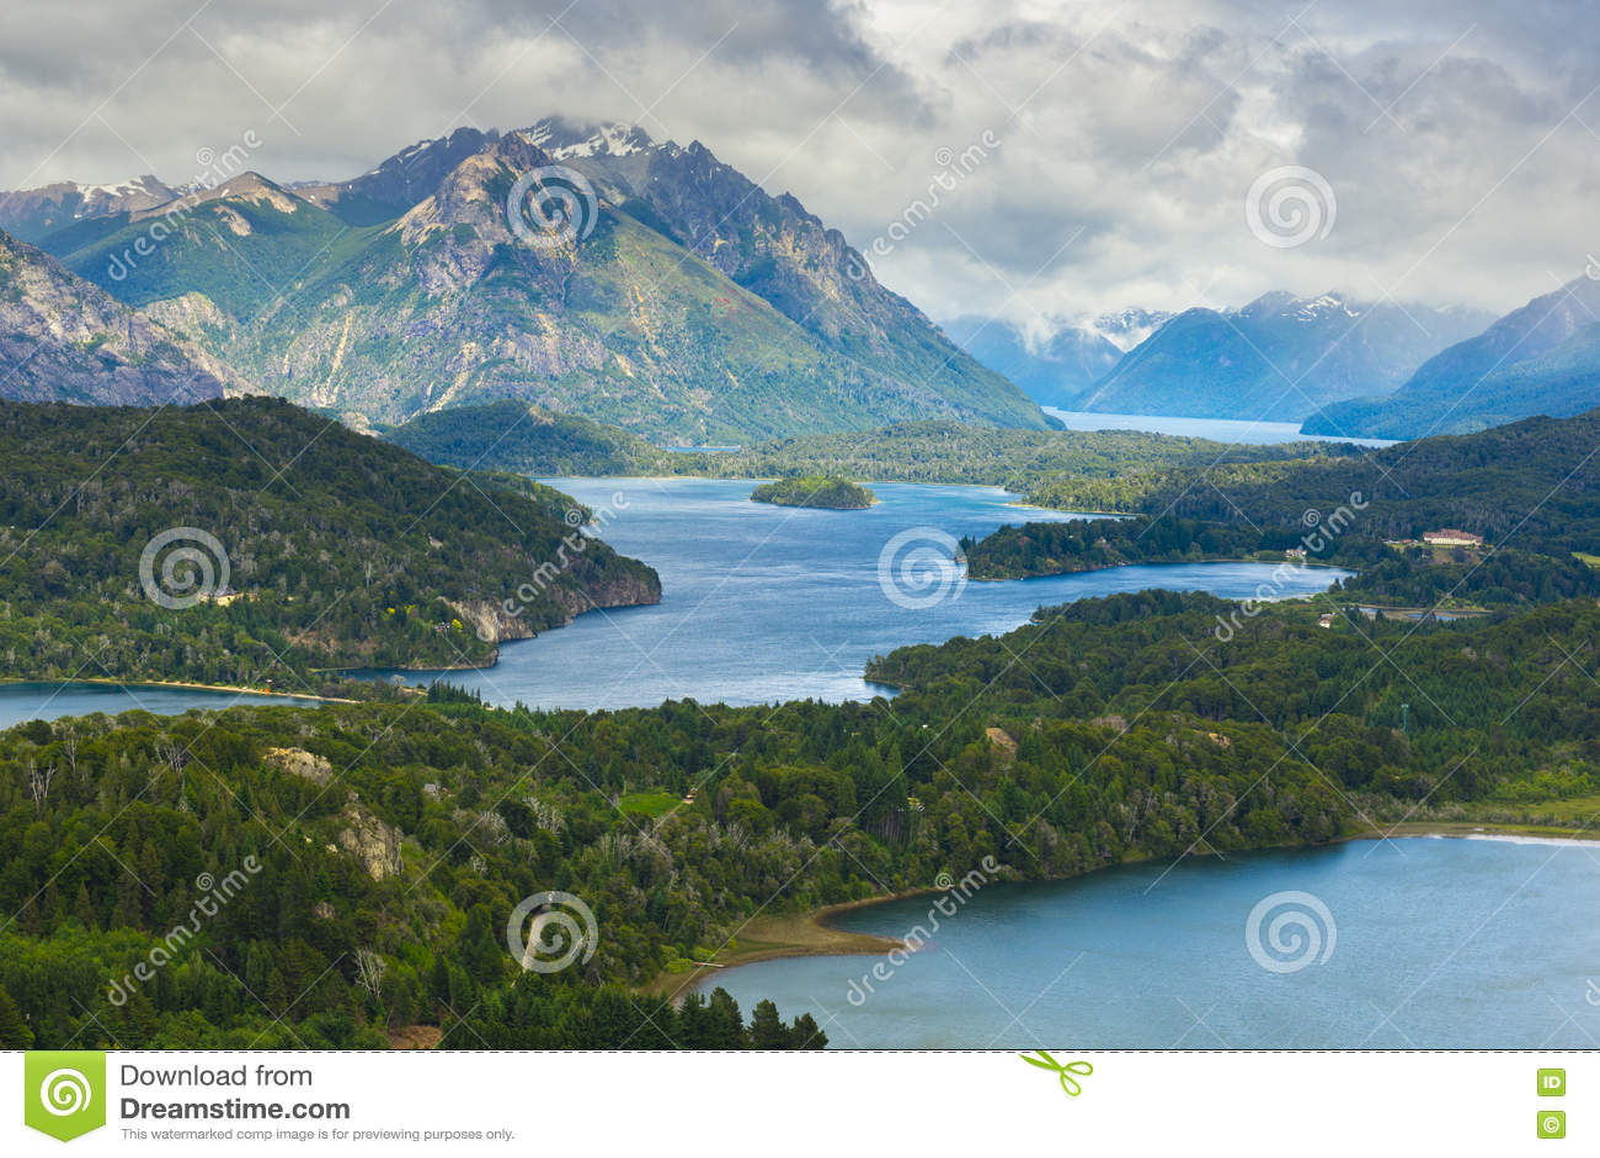 Nahuel Huapi national park from Cerro Campanario near Bariloche, Argentina